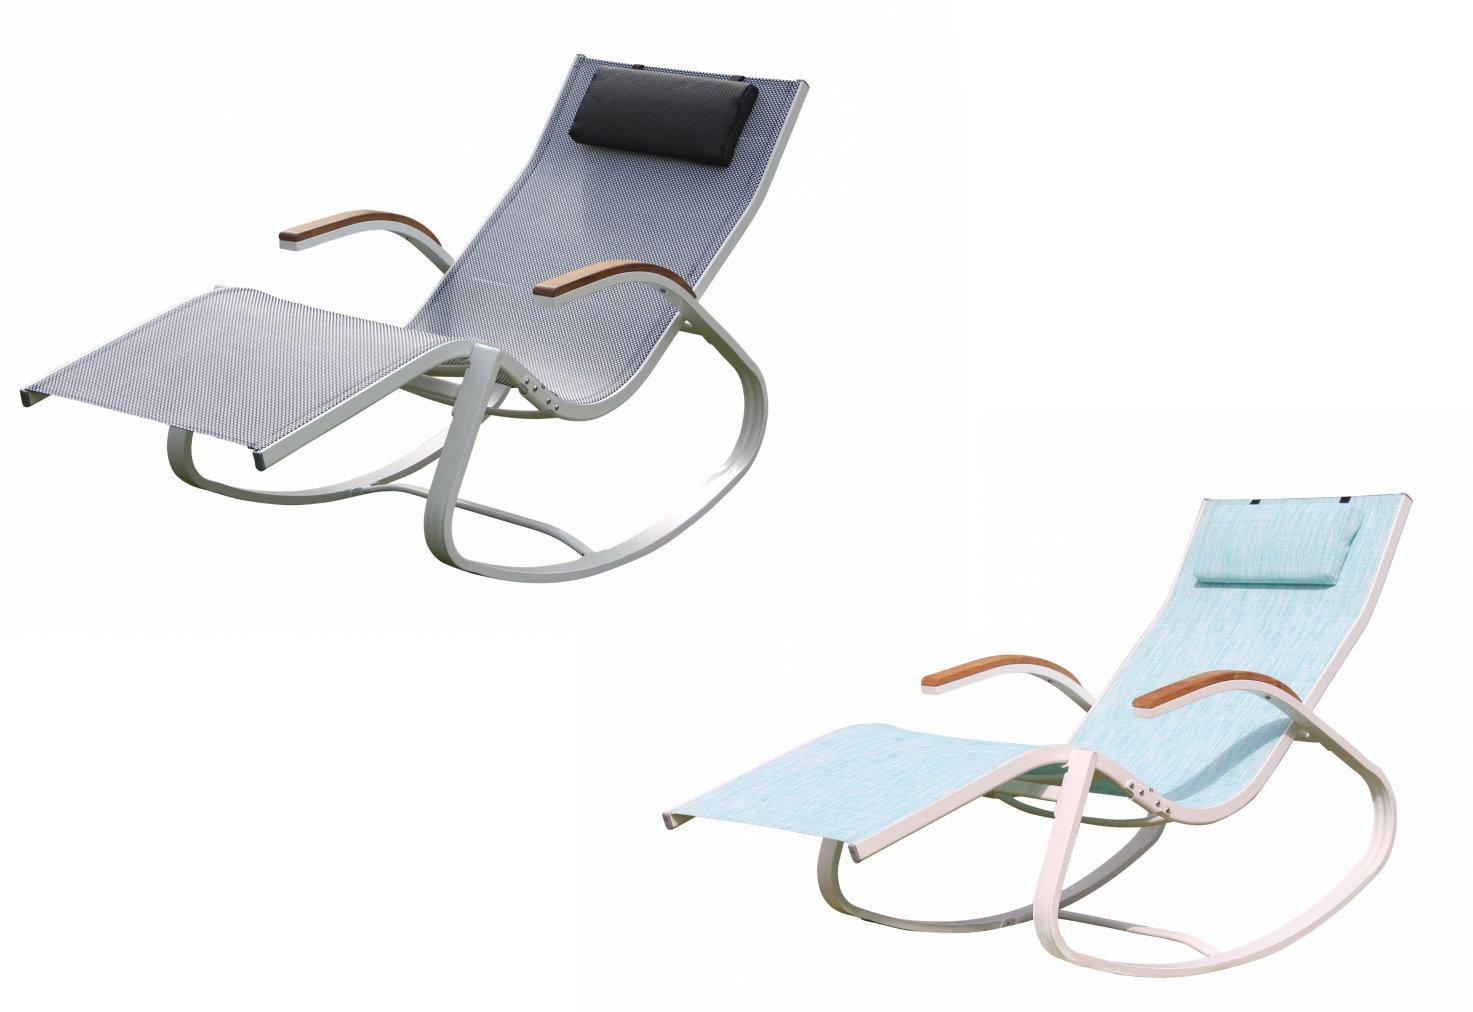 Leco design schaukelstuhl gartenliege sonnenliege for Leco schaukelstuhl mit polsterauflage